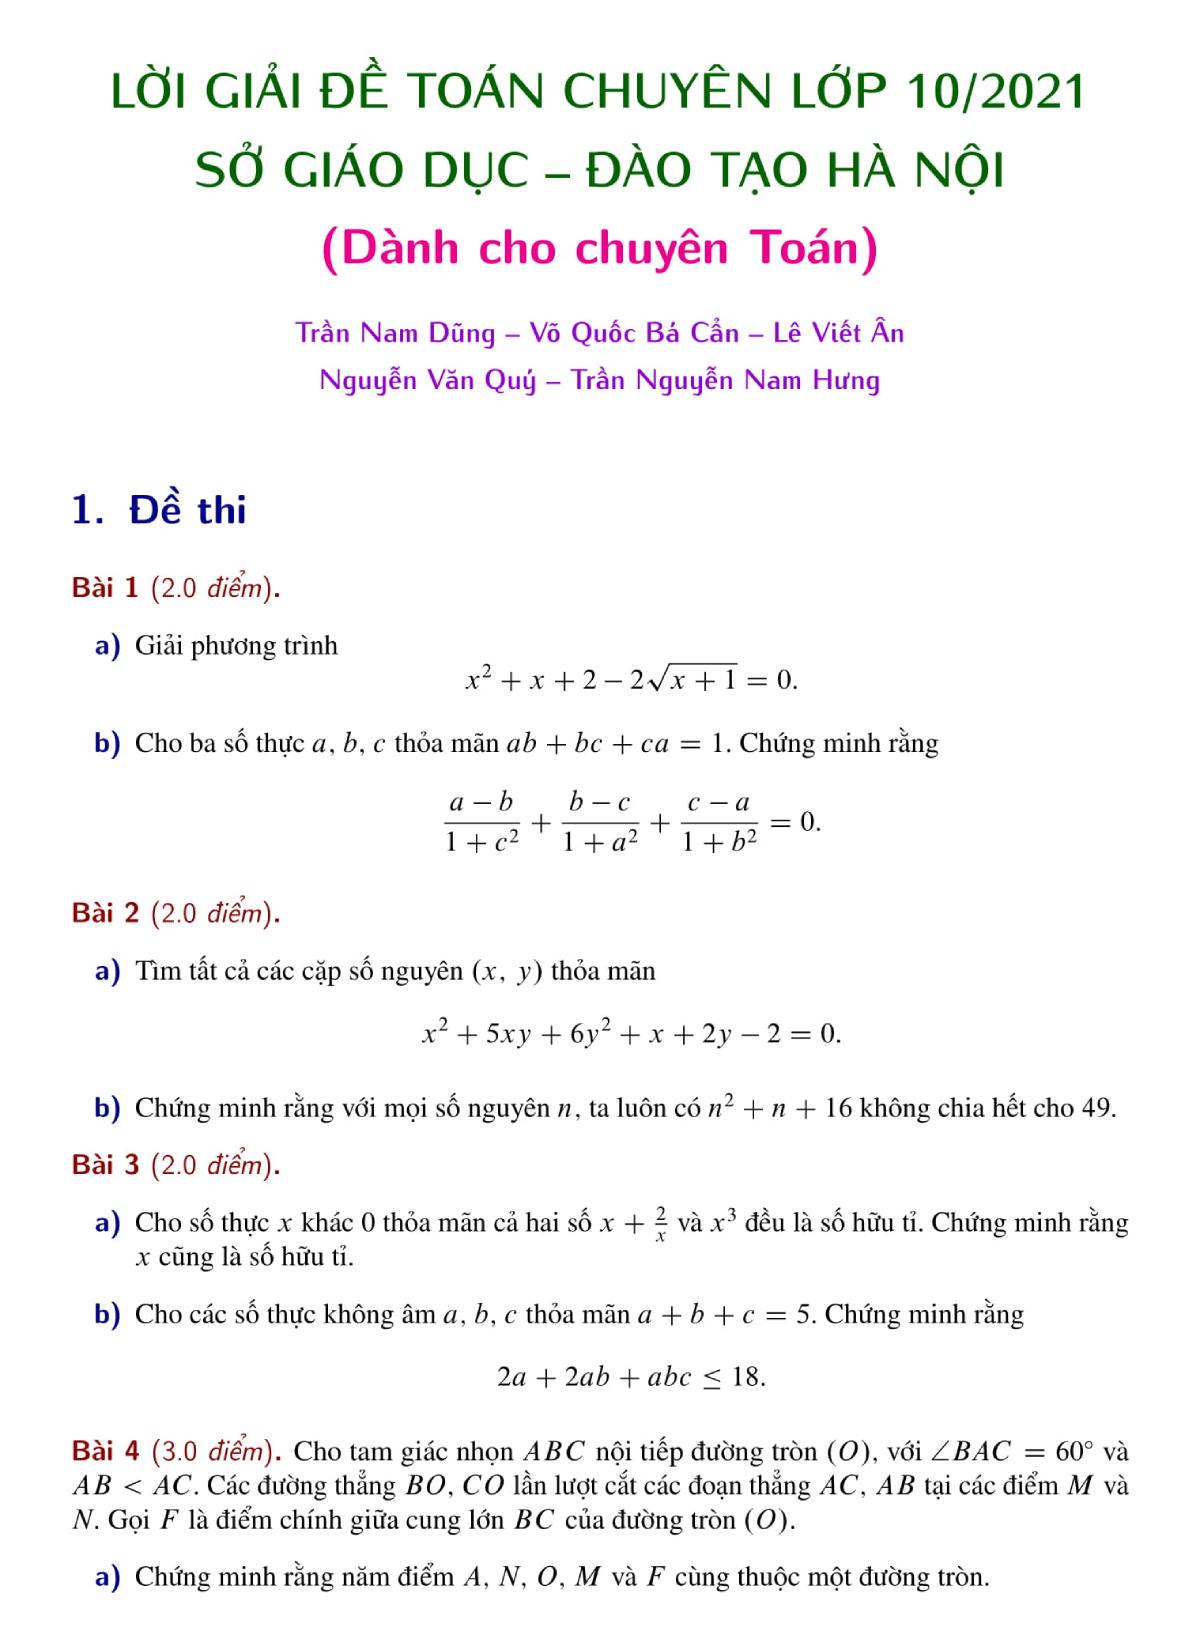 Lời giải đề thi Toán vào lớp 10 trường chuyên Hà Nội